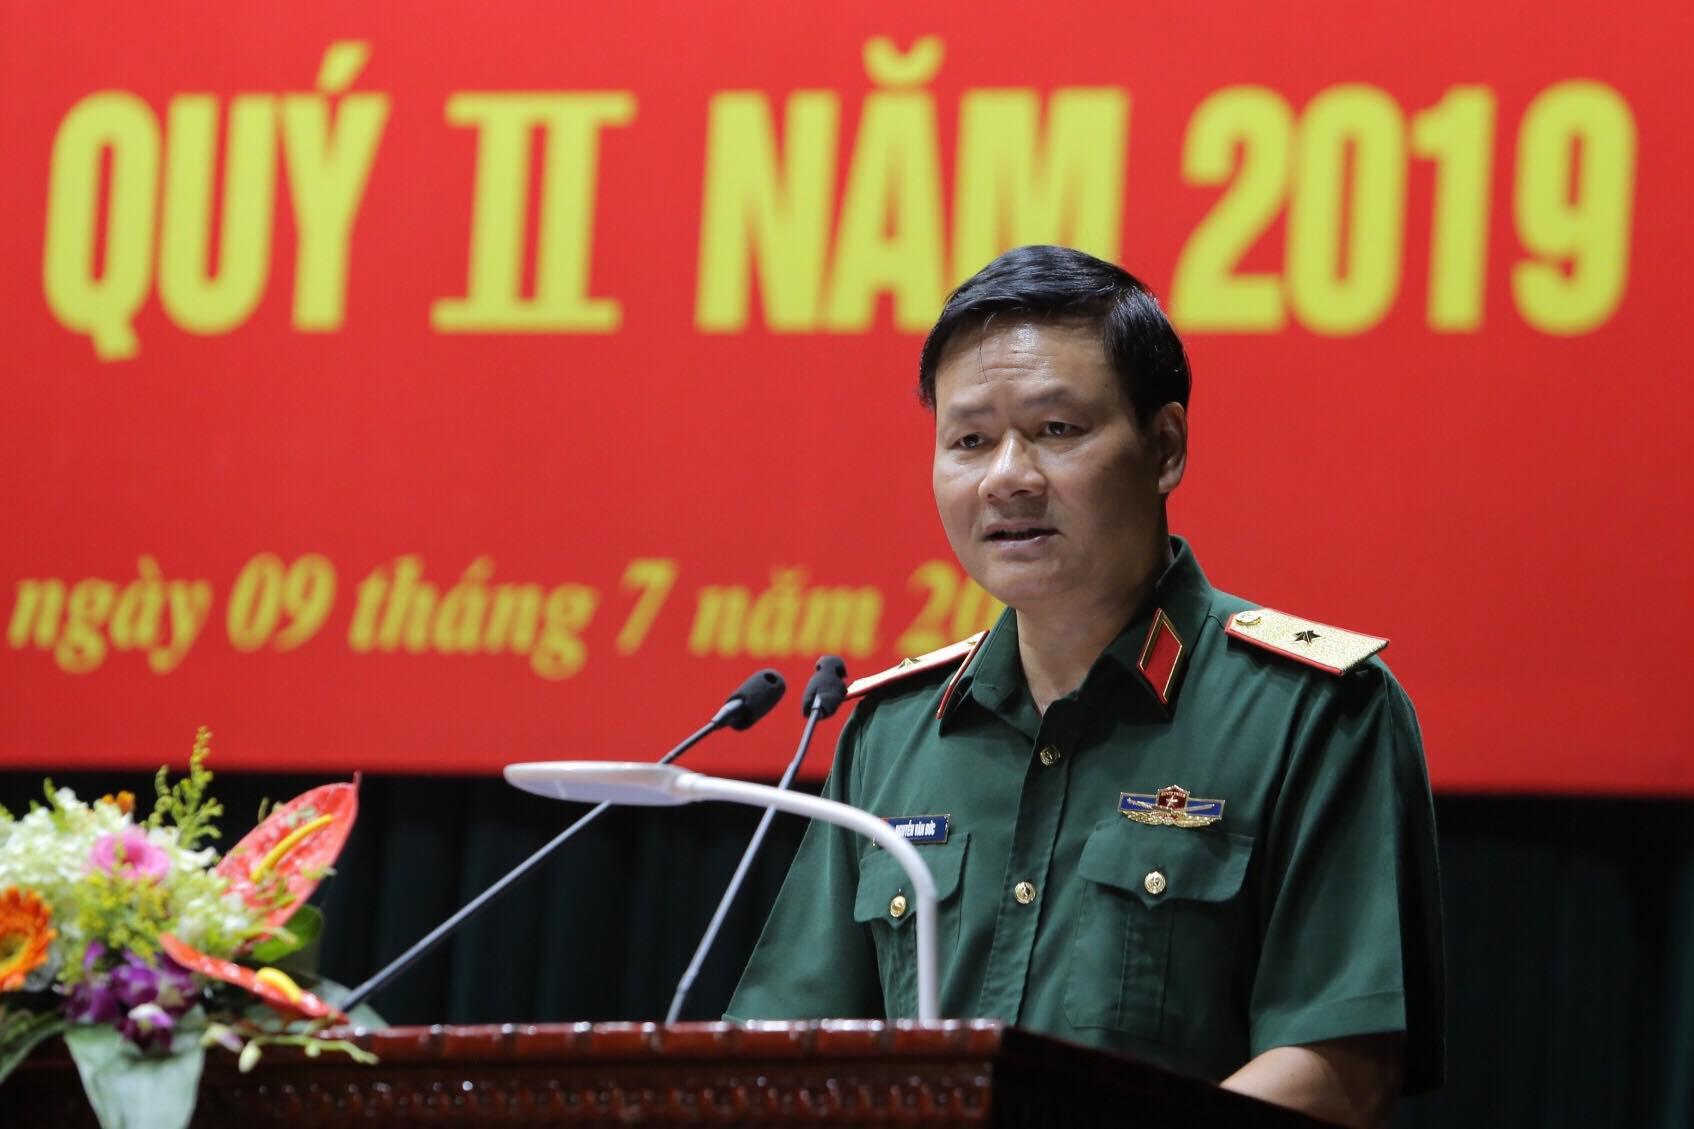 Bộ Quốc Phong đang Xử Ly Kỷ Luật Về Chinh Quyền đối Với đo đốc Nguyễn Văn Hiến Bao Người Lao động